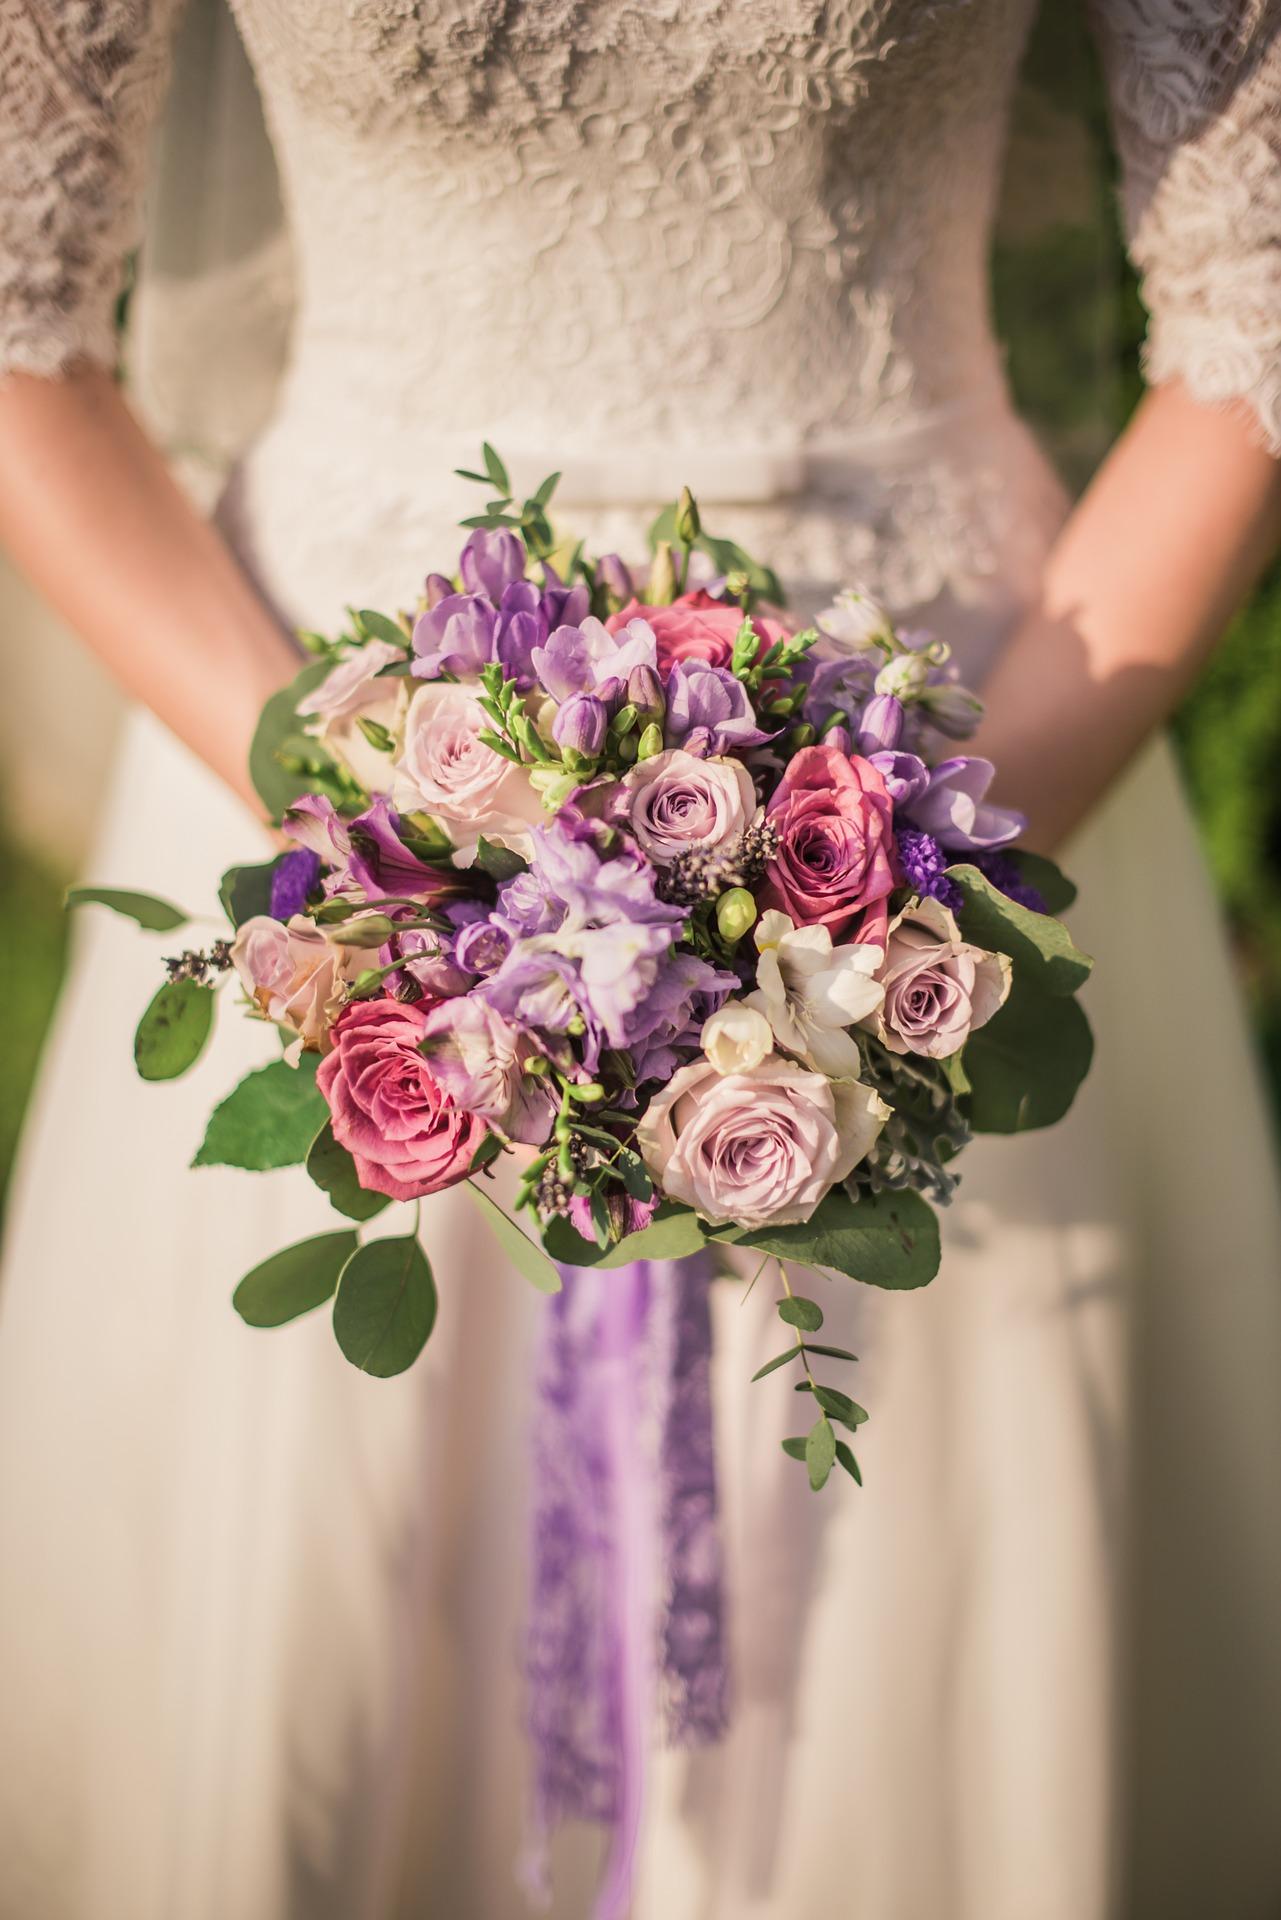 Comment choisir le bouquet de mariée? 2